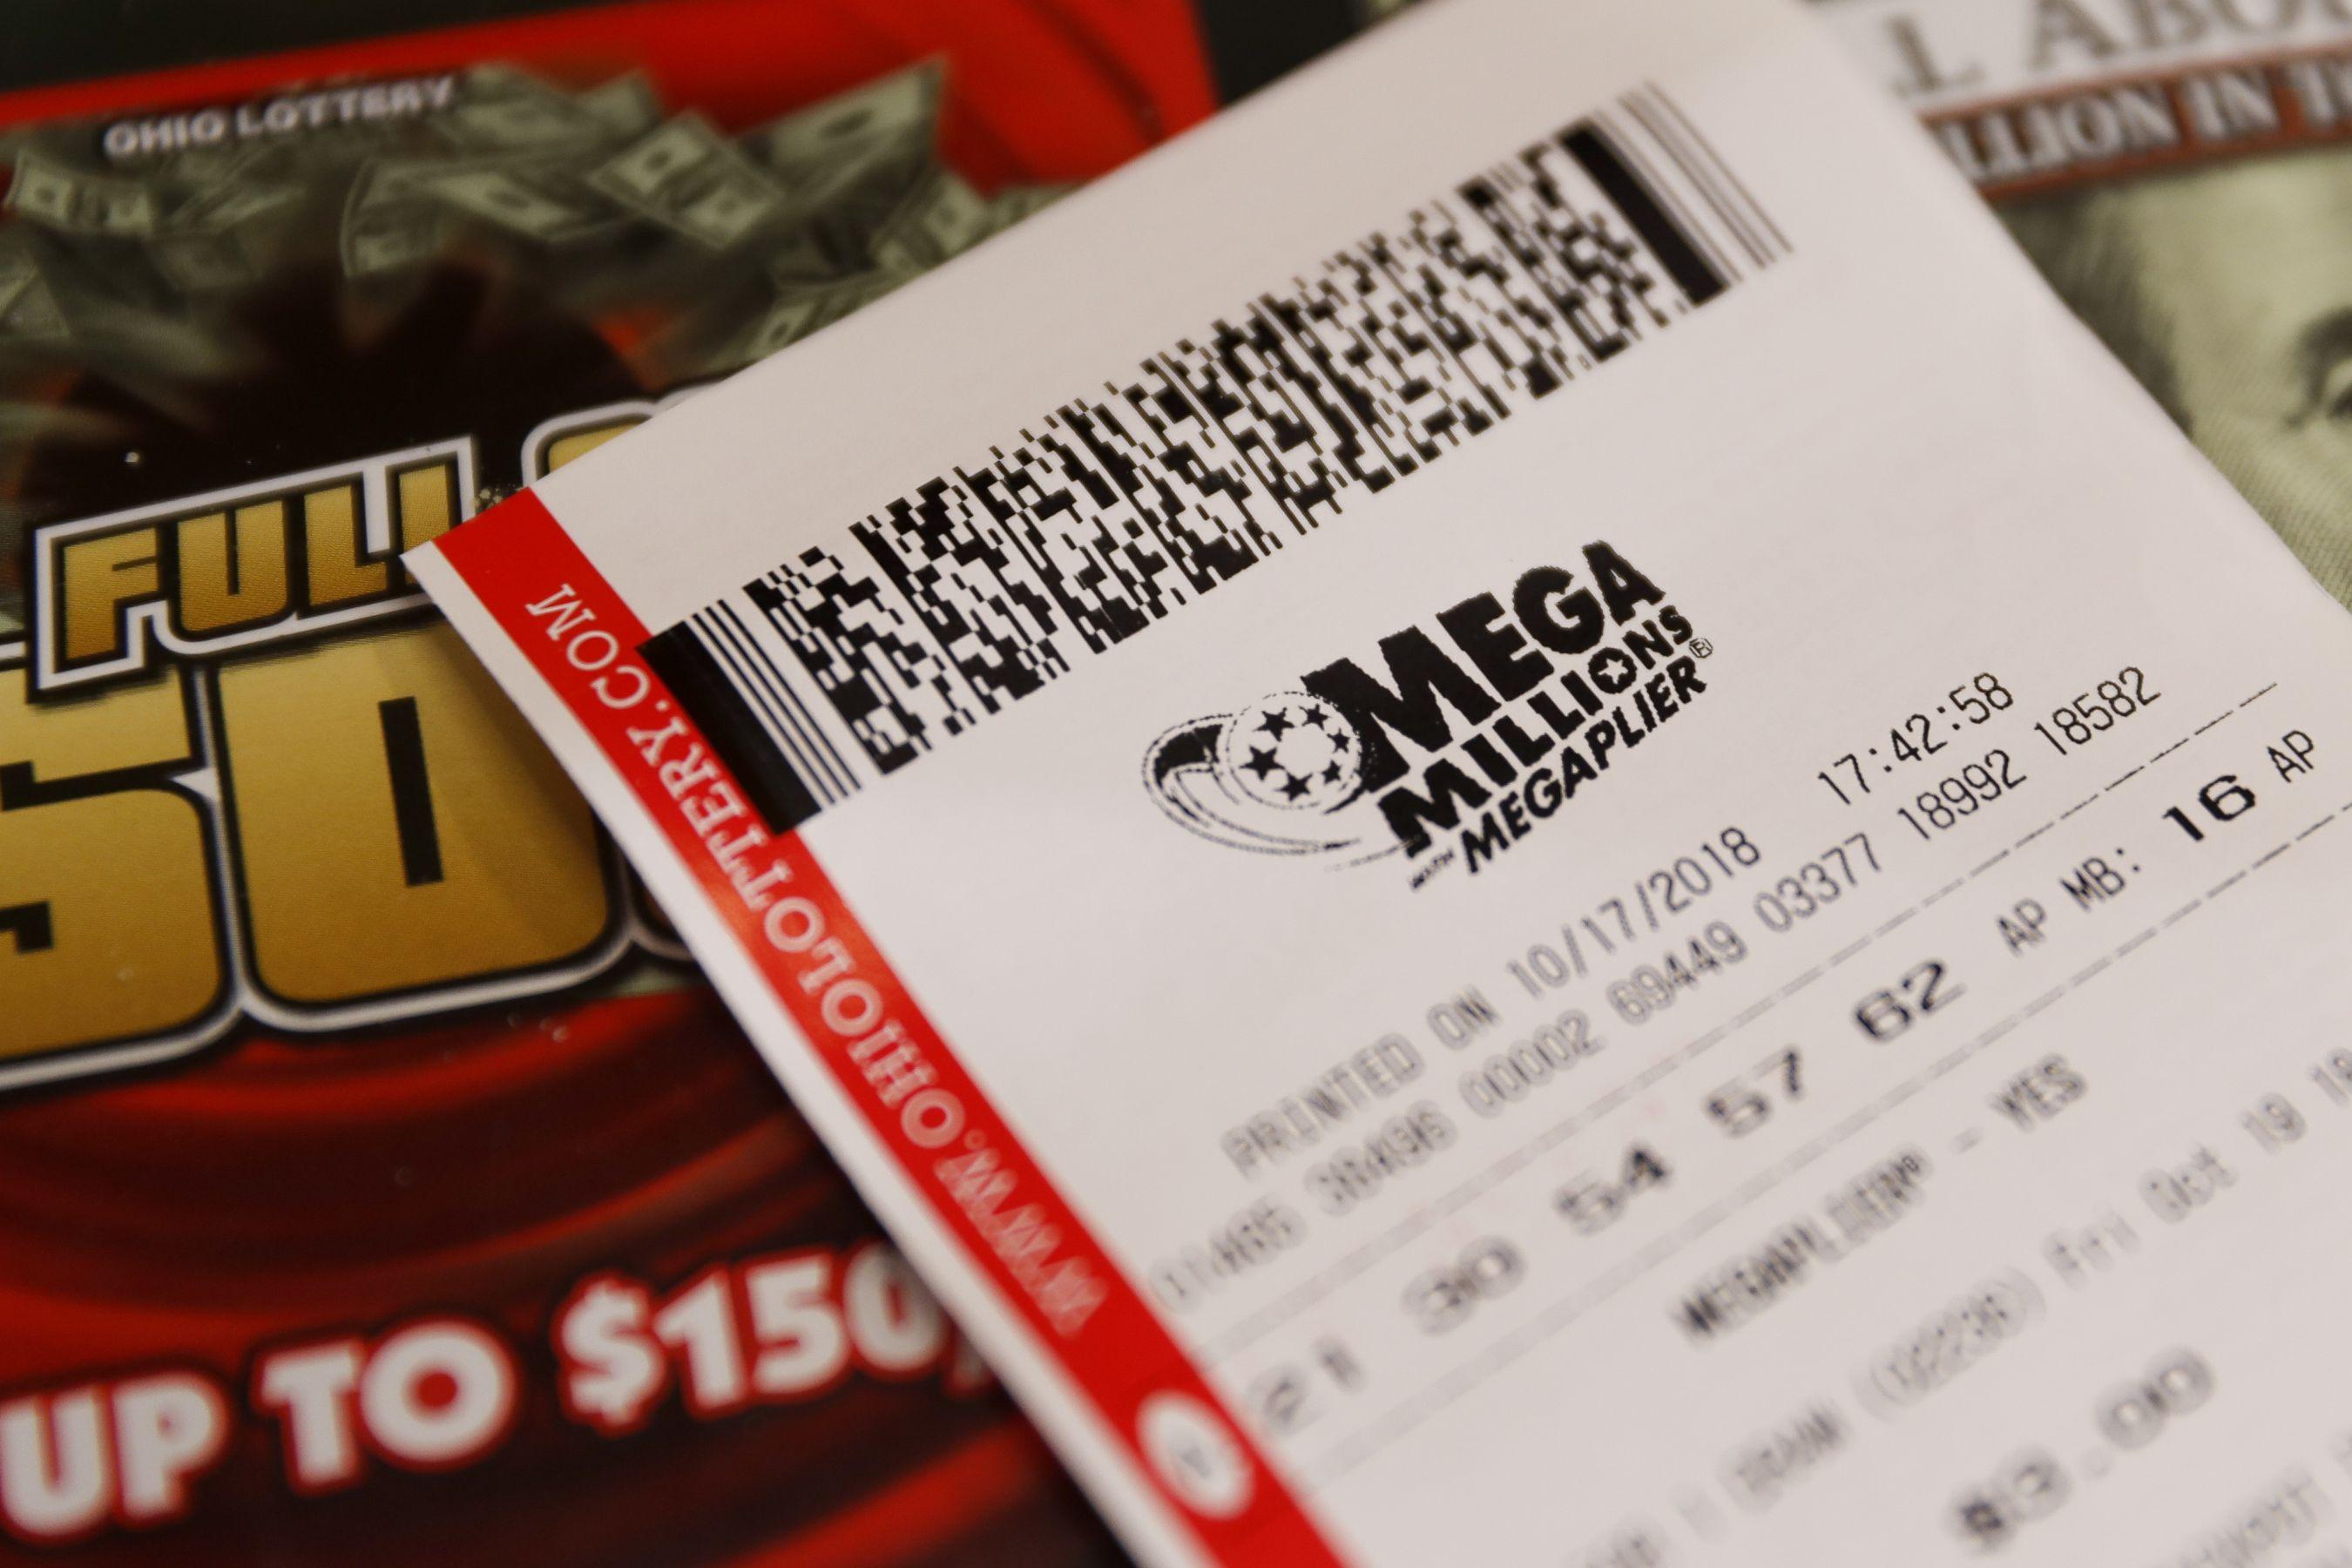 Британская лотерея uk lotto — правила + инструкция: как купить билет из россии | lotteries of the world